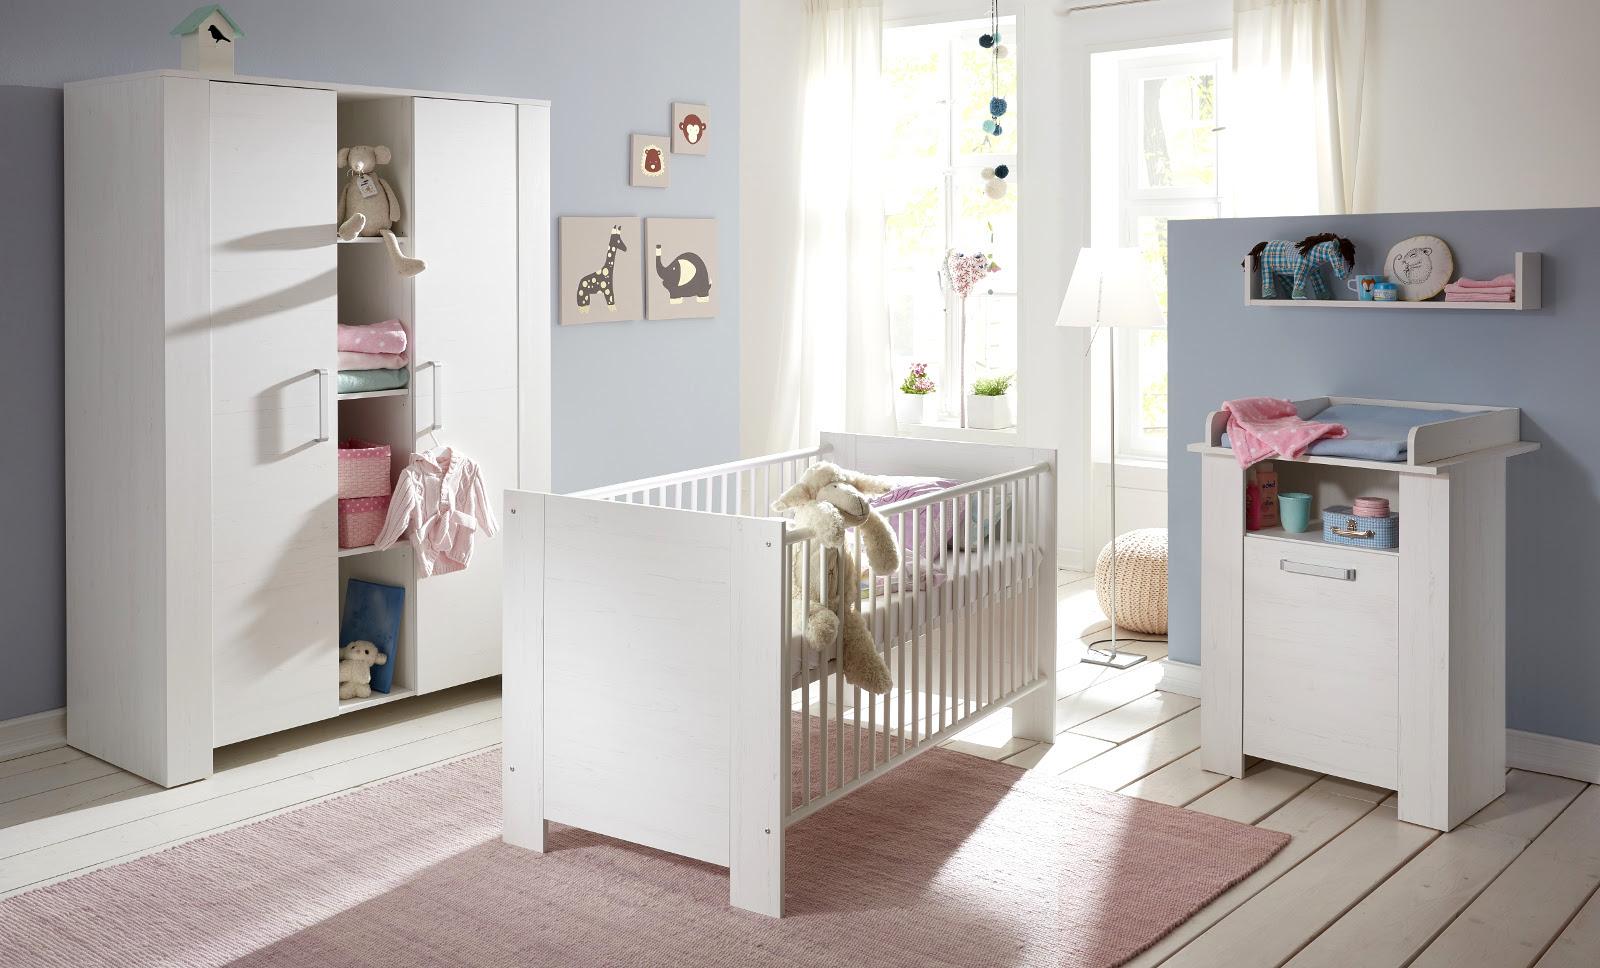 babyzimmer komplett set wei schlafzimmer pinie bett kleiderschrank kommode miri ebay. Black Bedroom Furniture Sets. Home Design Ideas